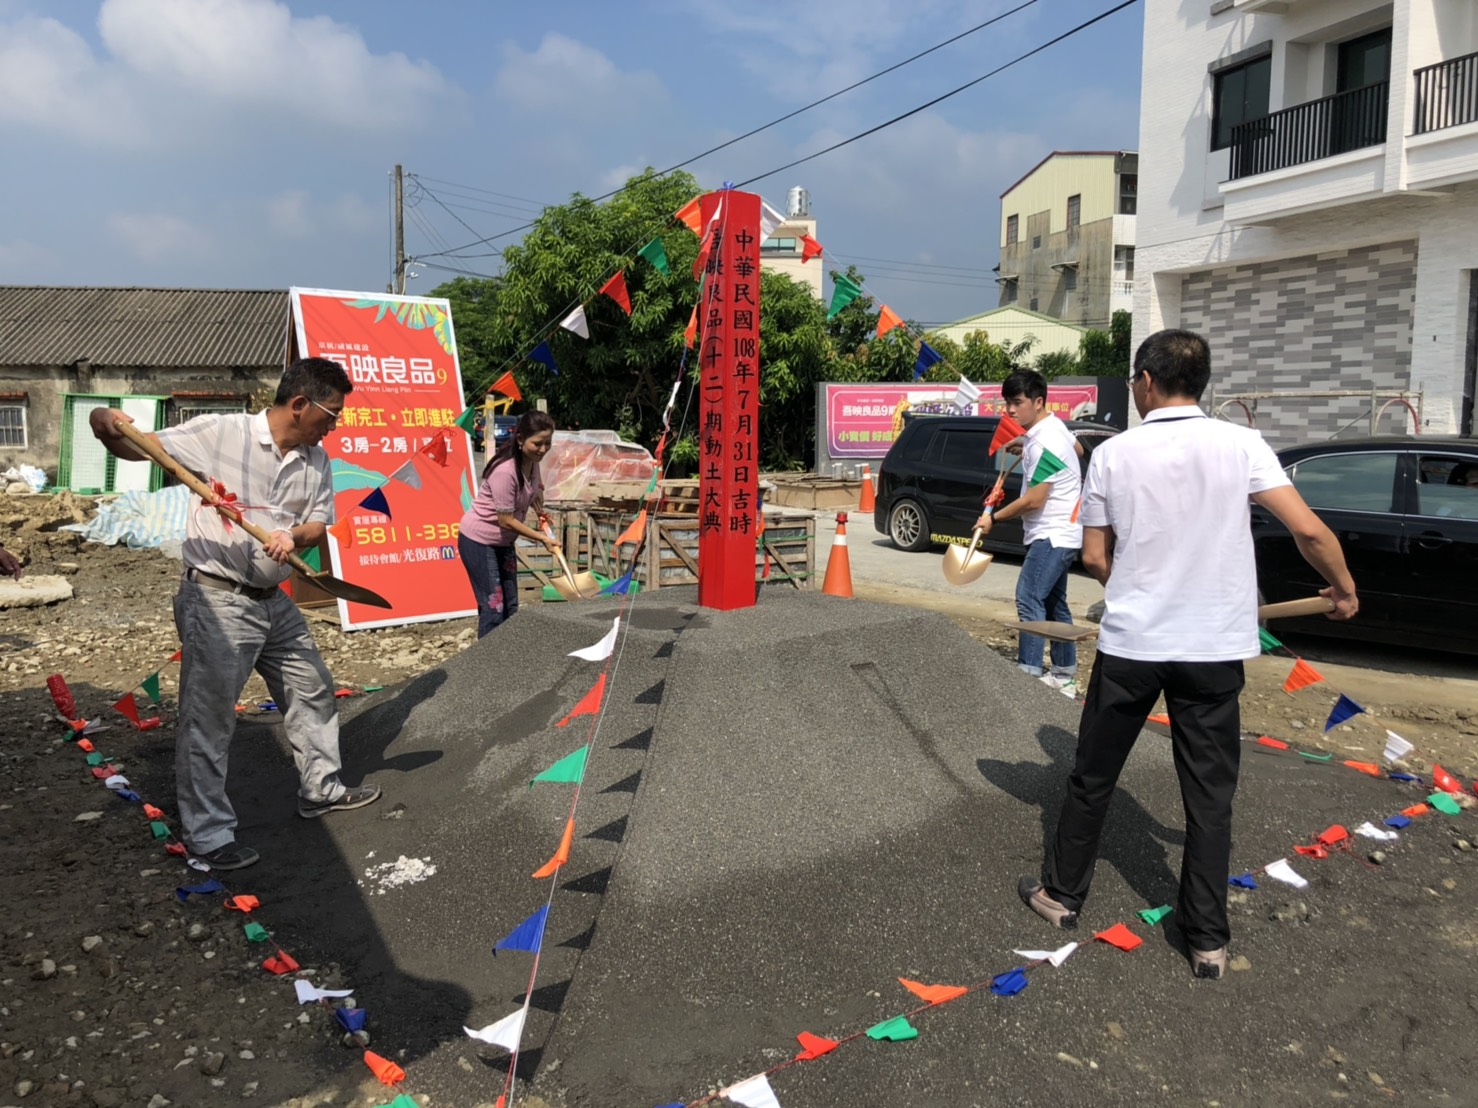 圖片:南科帶動周邊房市持續熱燒!京杭建設兩建案聯合動土大典